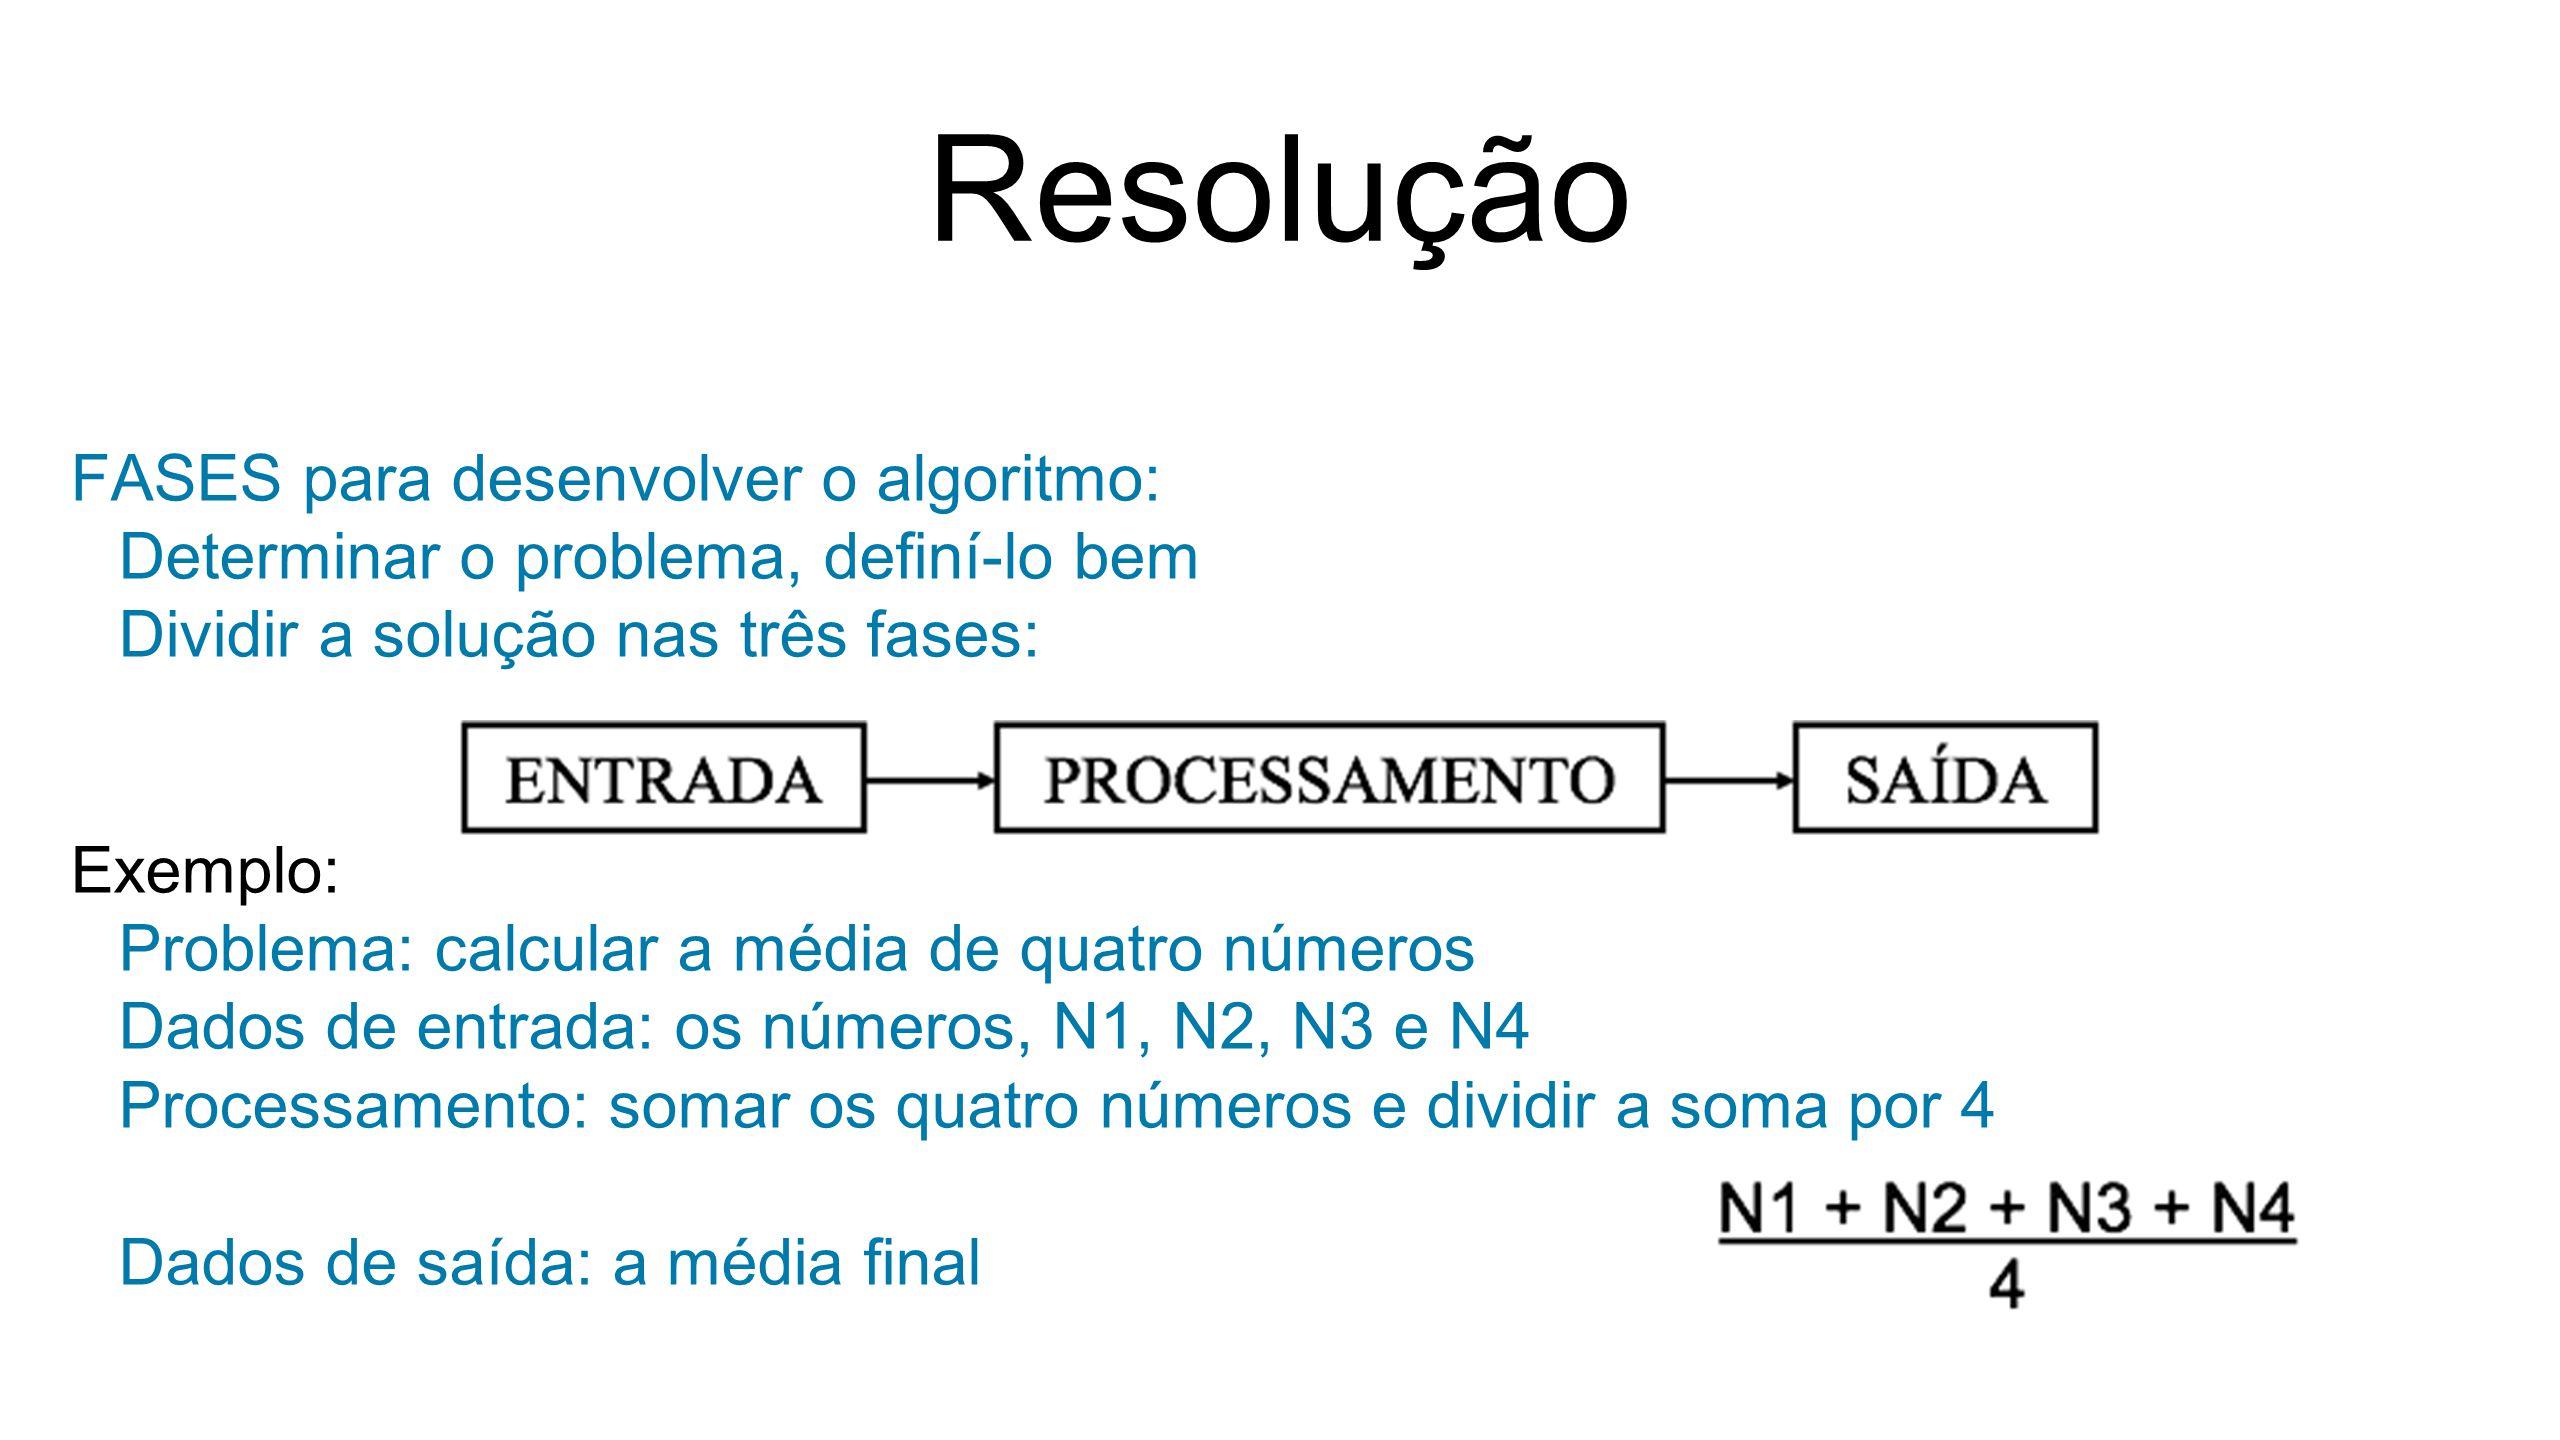 Resolução FASES para desenvolver o algoritmo: Determinar o problema, definí-lo bem Dividir a solução nas três fases: Exemplo: Problema: calcular a média de quatro números Dados de entrada: os números, N1, N2, N3 e N4 Processamento: somar os quatro números e dividir a soma por 4 Dados de saída: a média final